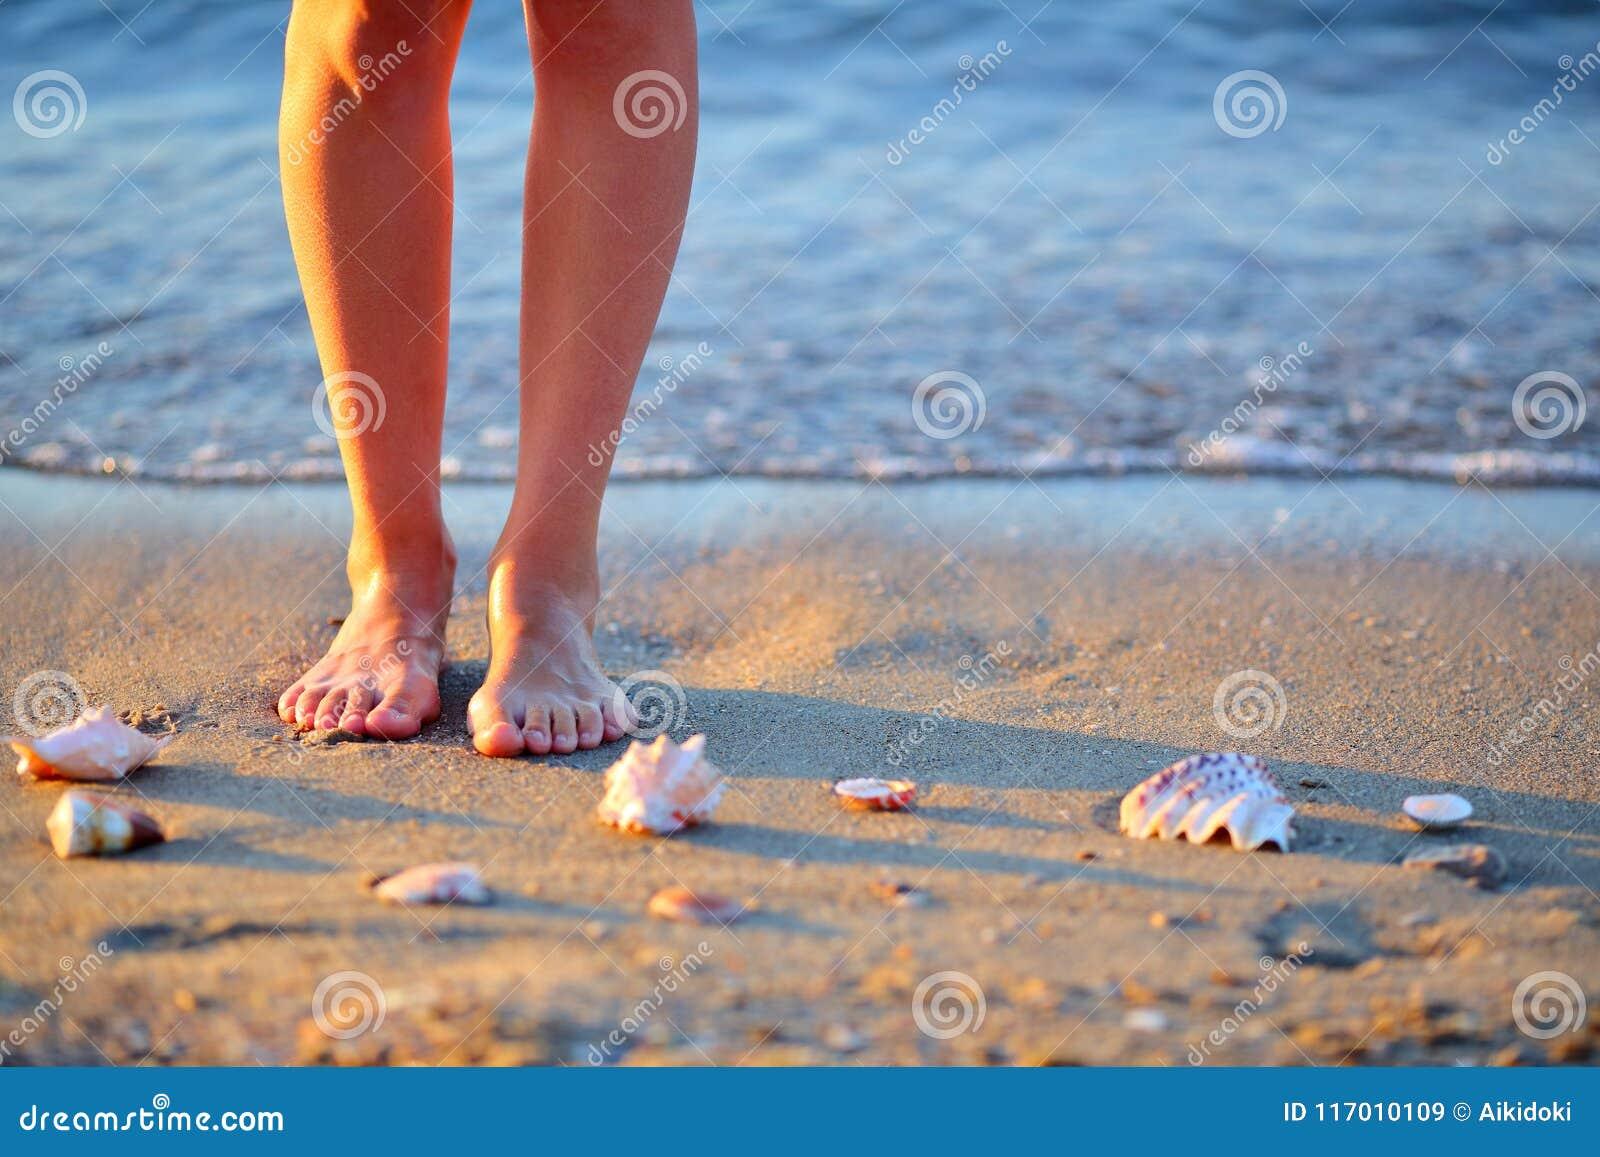 d27356e0c4 Θαλασσινά κοχύλια και πόδια γυναικών στην άμμο στην παραλία θάλασσας ...